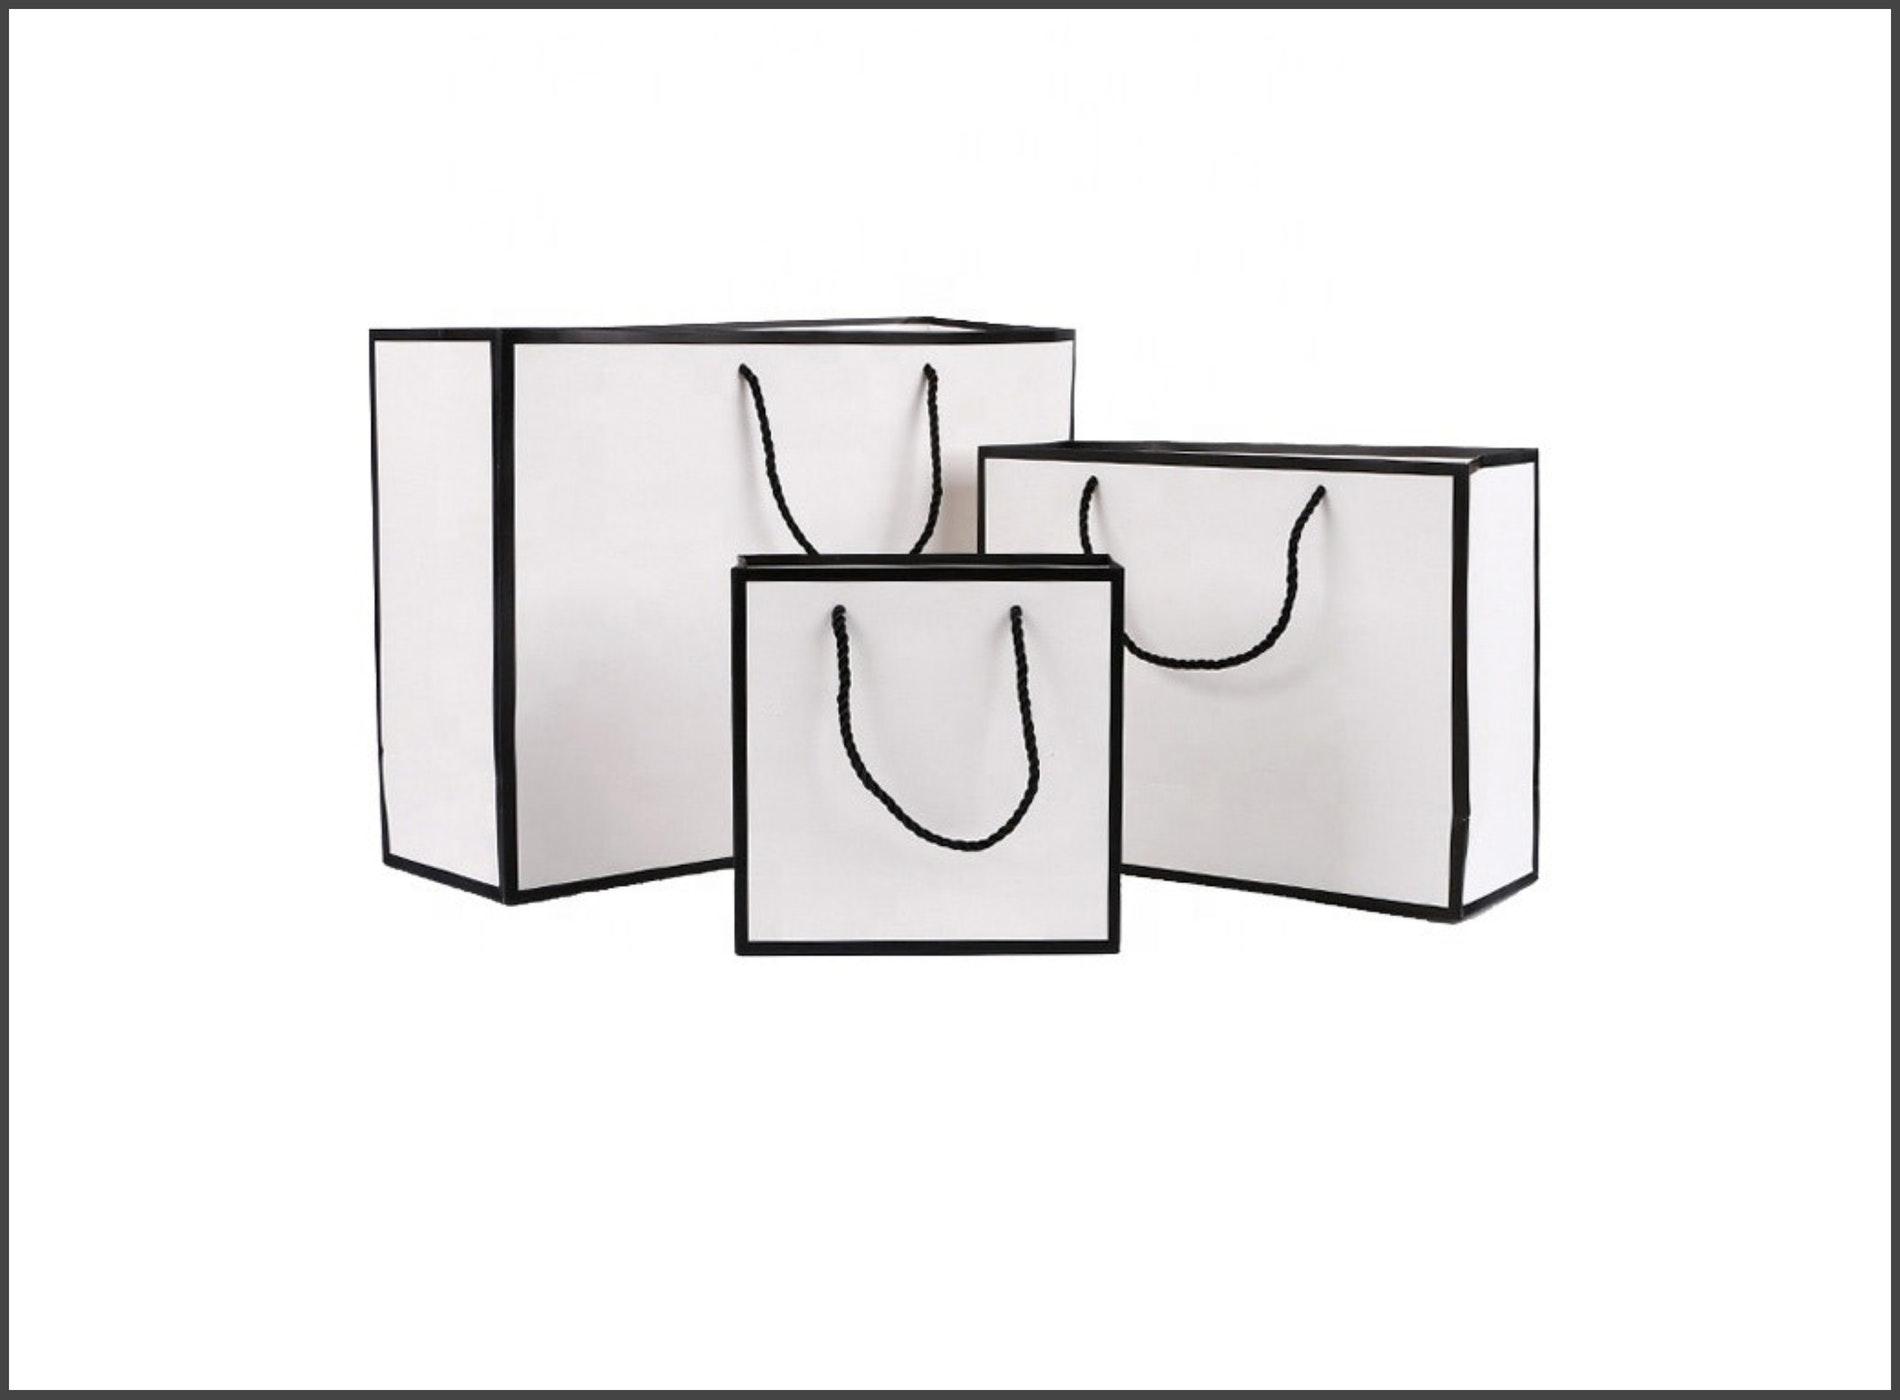 csomagolastechnika-1-4.jpg